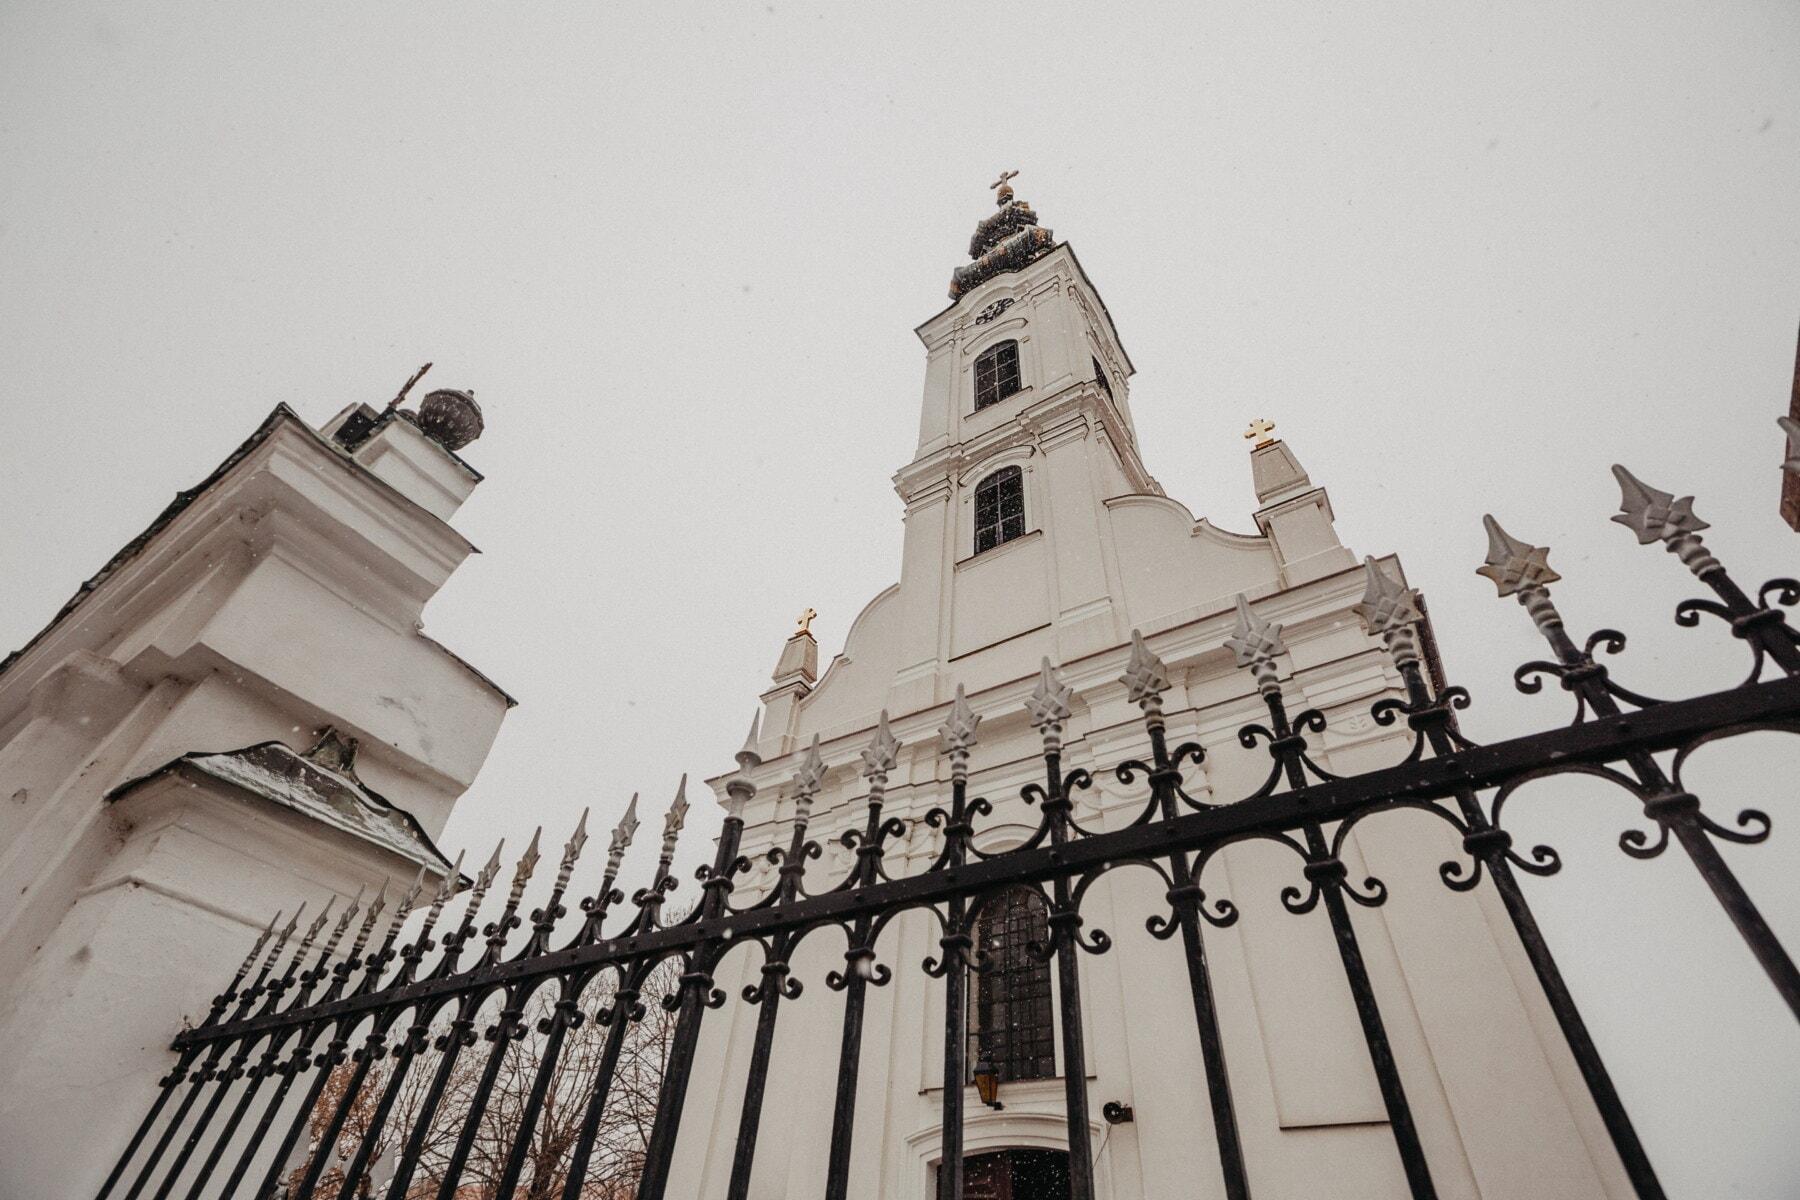 kerk, kerktoren, wit, sneeuw, sneeuwvlokken, Winter, koude, gietijzer, hek, toren